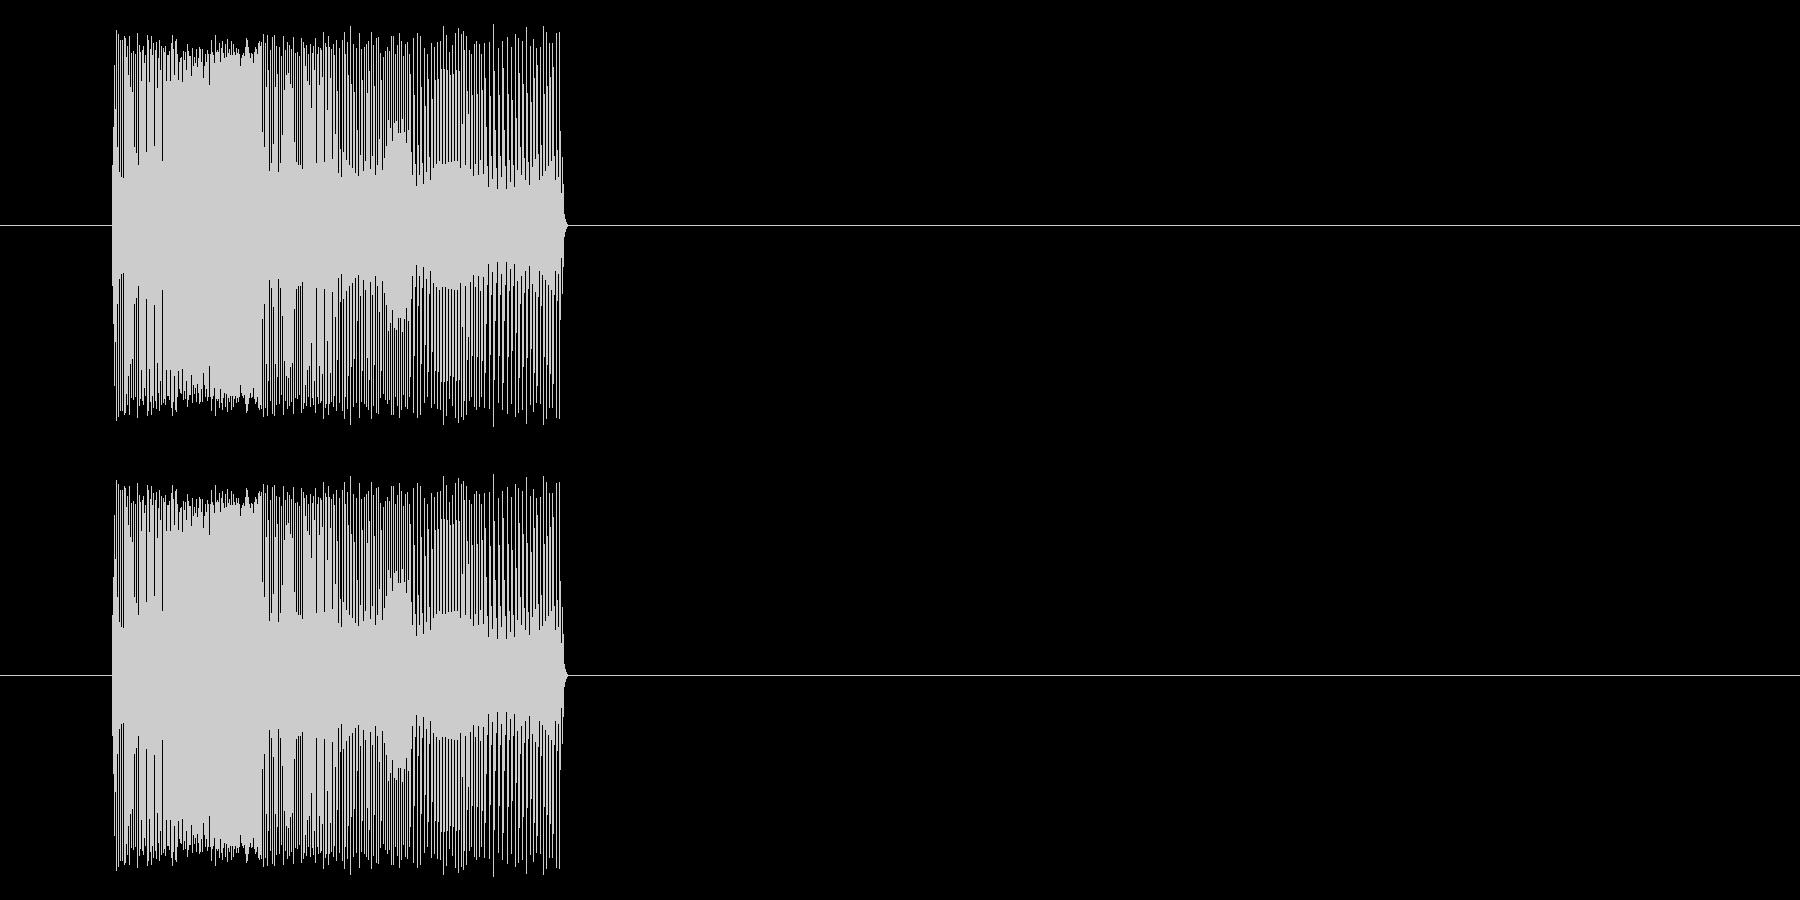 【NES RPG03-08(魔法 状態)の未再生の波形